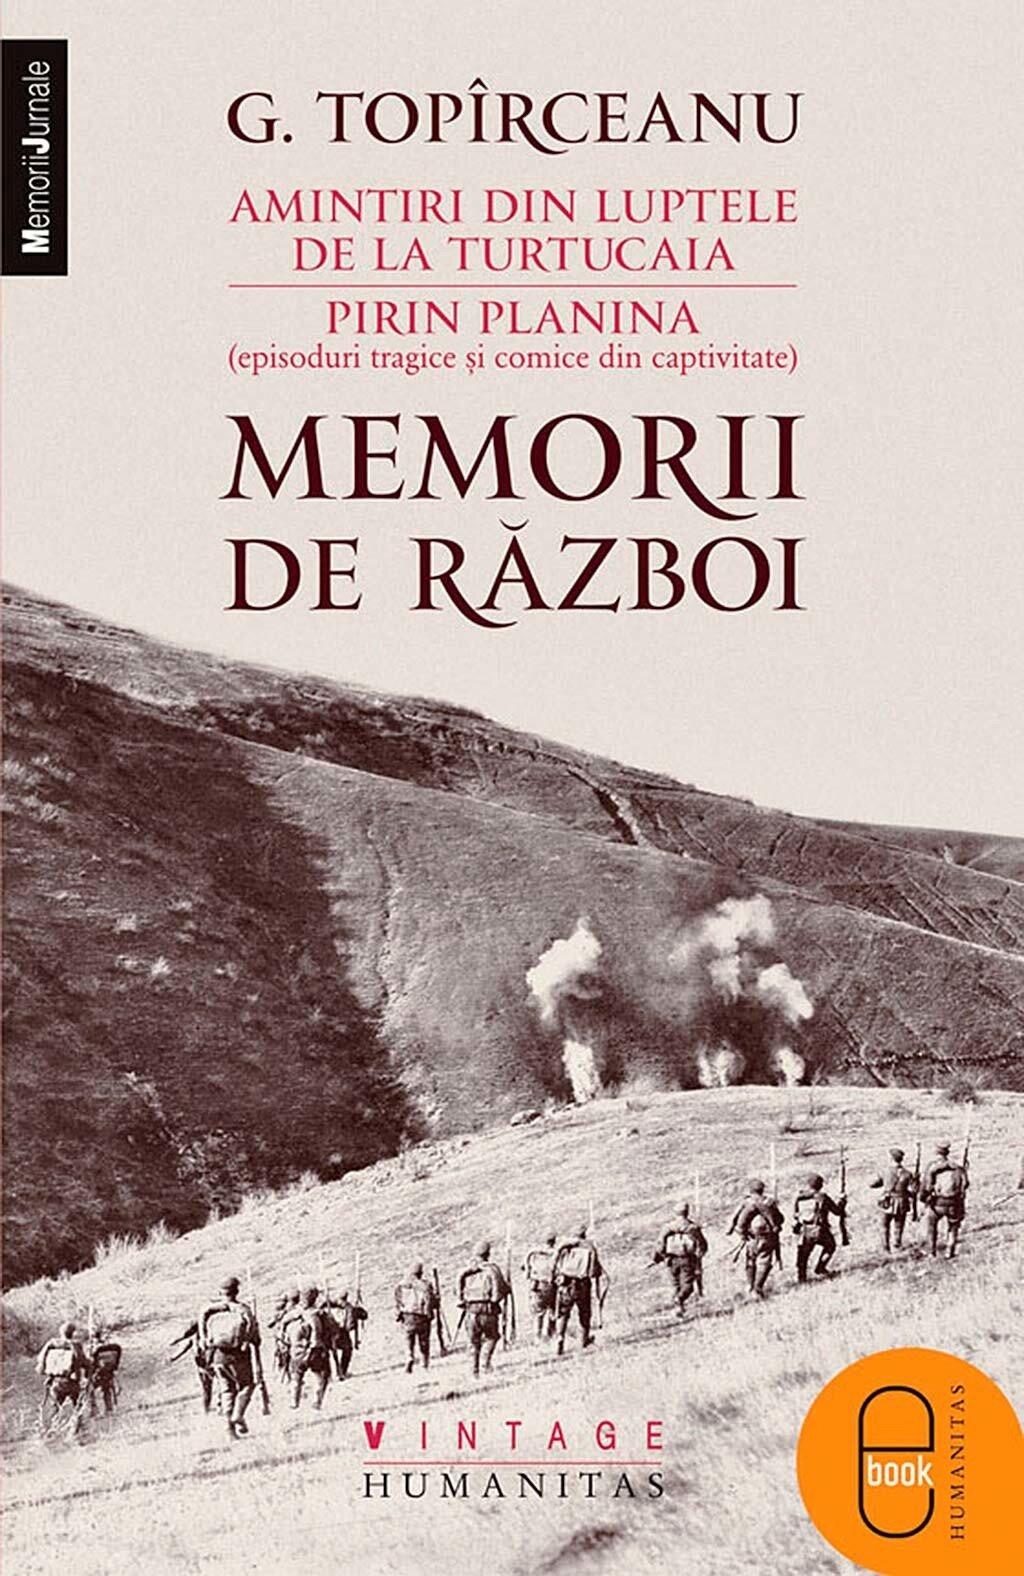 Memorii de razboi. Amintiri din luptele de la Turtucaia. Pirin Planina (episoduri tragice si comice din captivitate) (eBook)